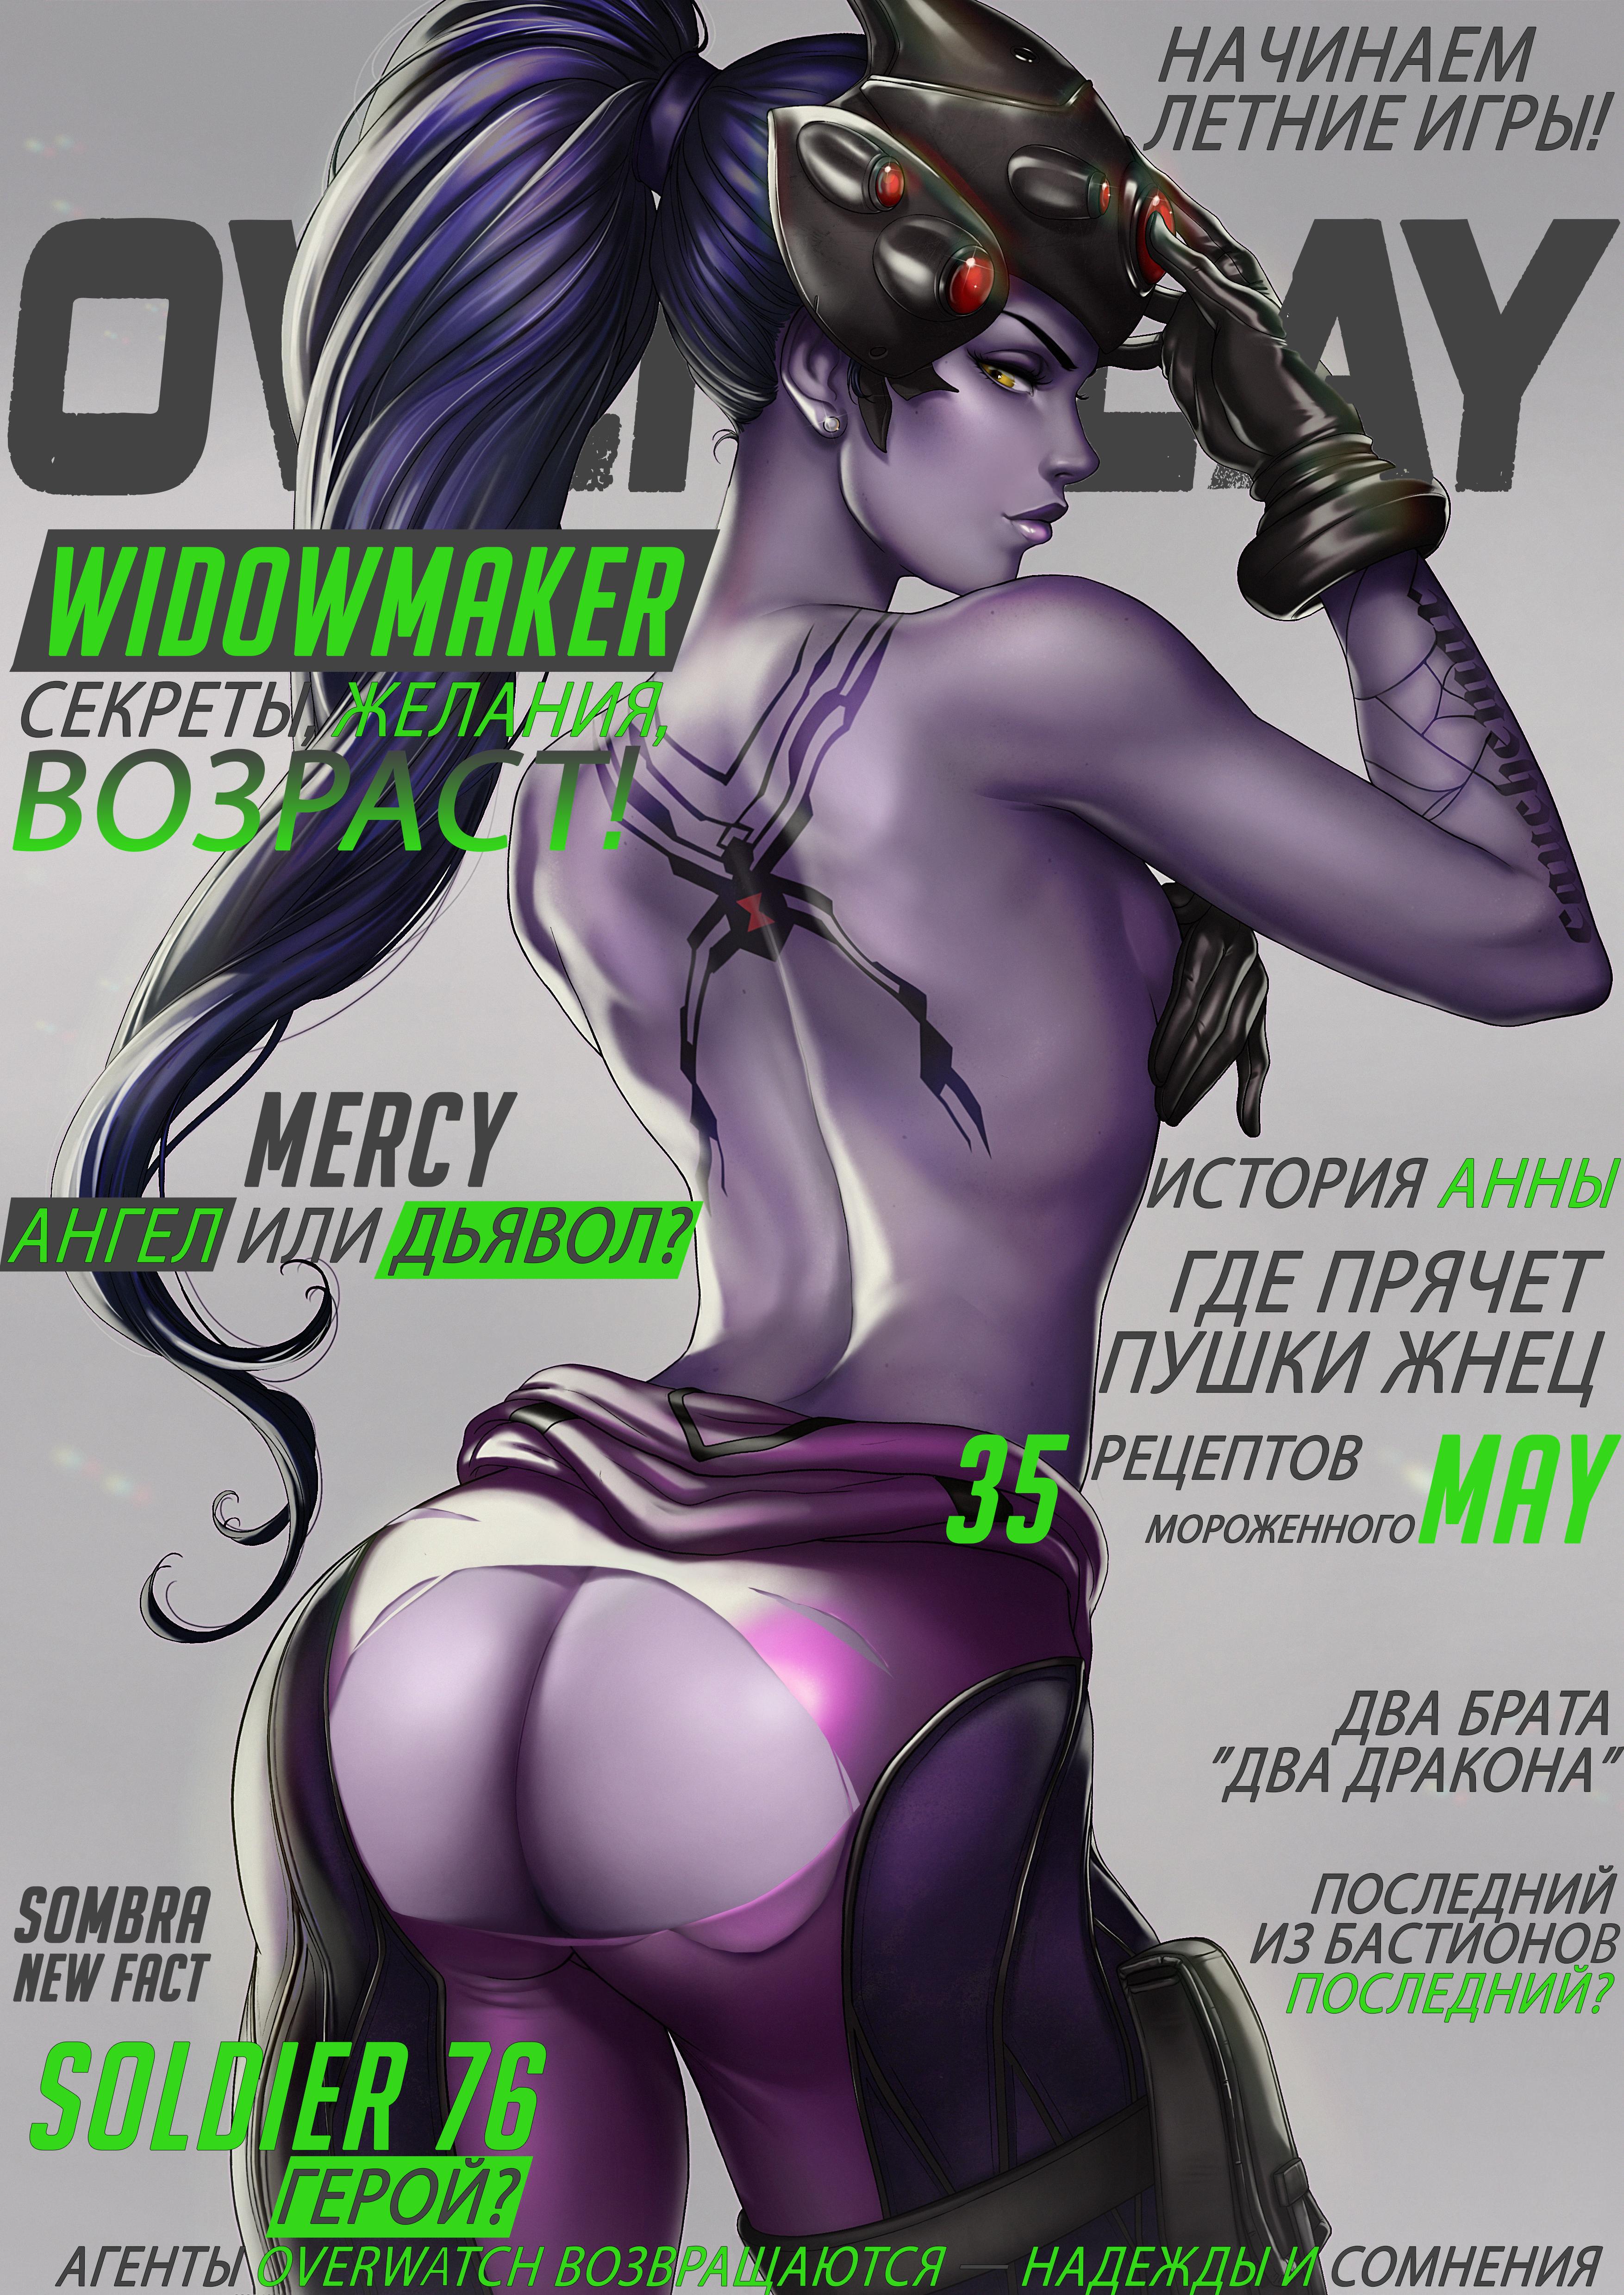 Немного комиксов по Overwatch. - Изображение 1